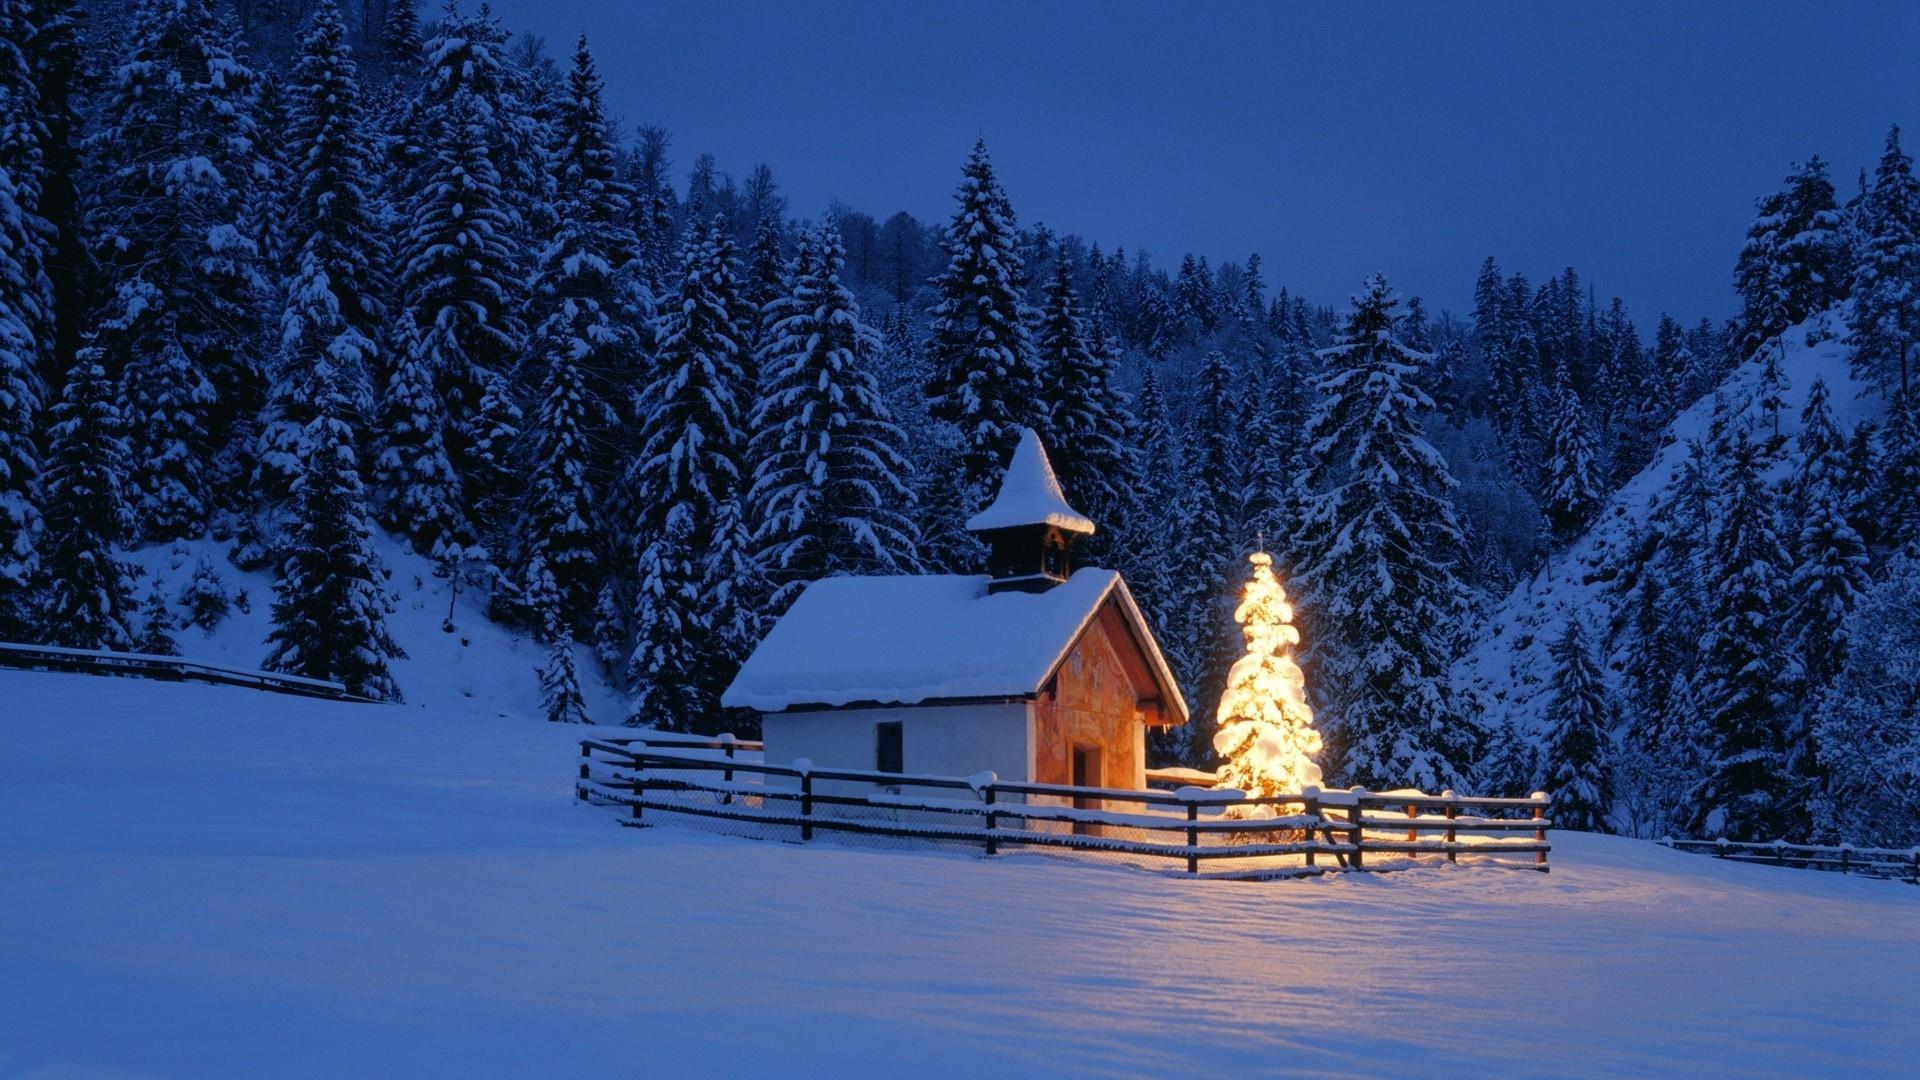 beautiful-winter-snow-wallpaper-free-hd-for-desktop - hd wallpaper